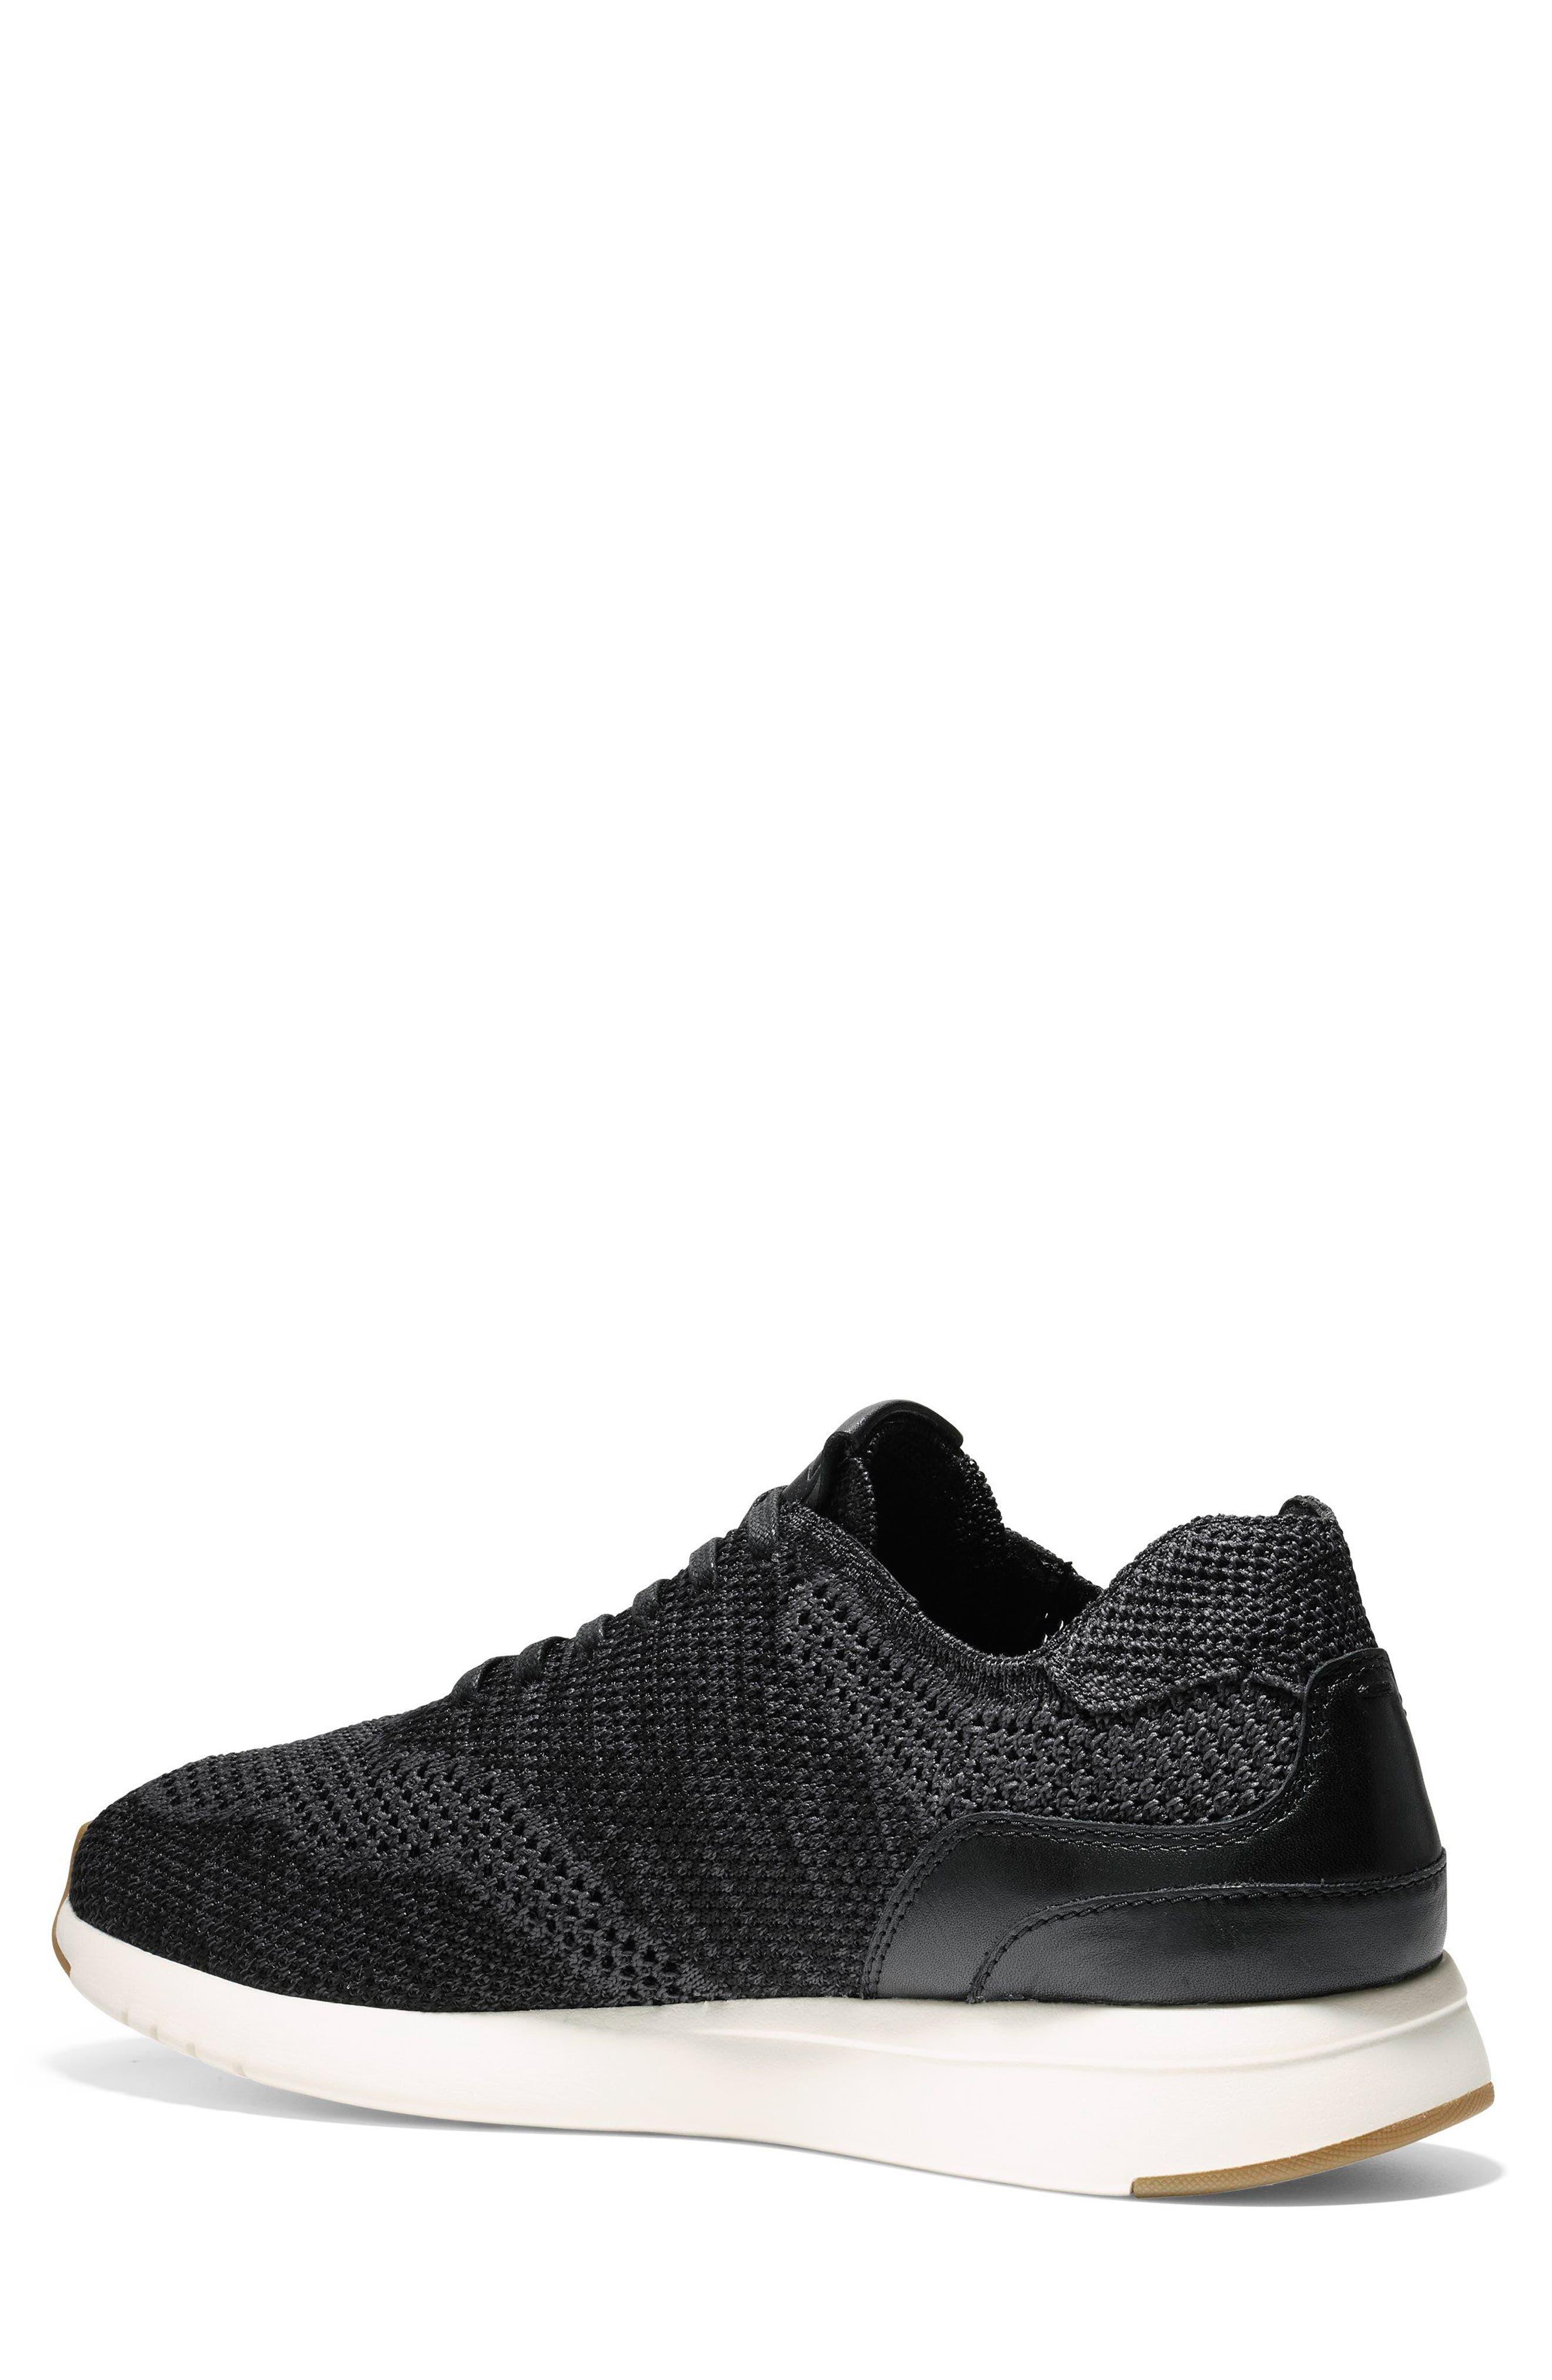 GrandPro Runner Stitchlite Sneaker,                             Alternate thumbnail 2, color,                             Black / Magnet